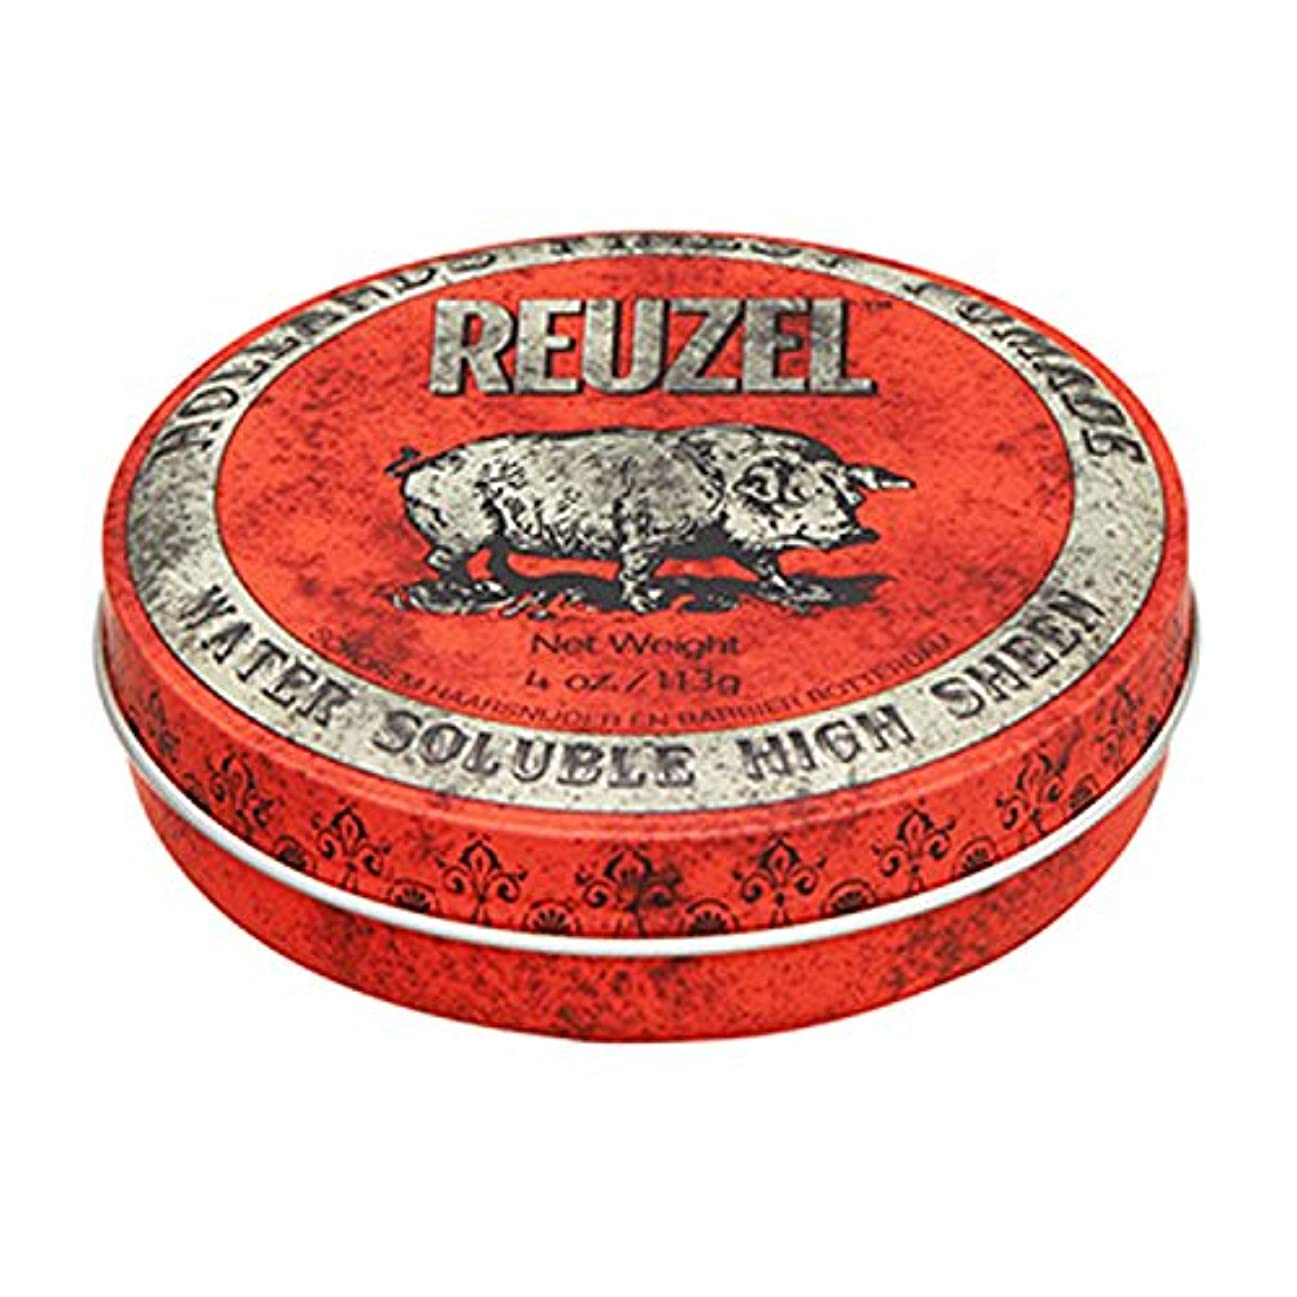 黙認するパンツインカ帝国ルーゾー REUZEL HIGH SHEEN ノーマルホールド レッド 113g